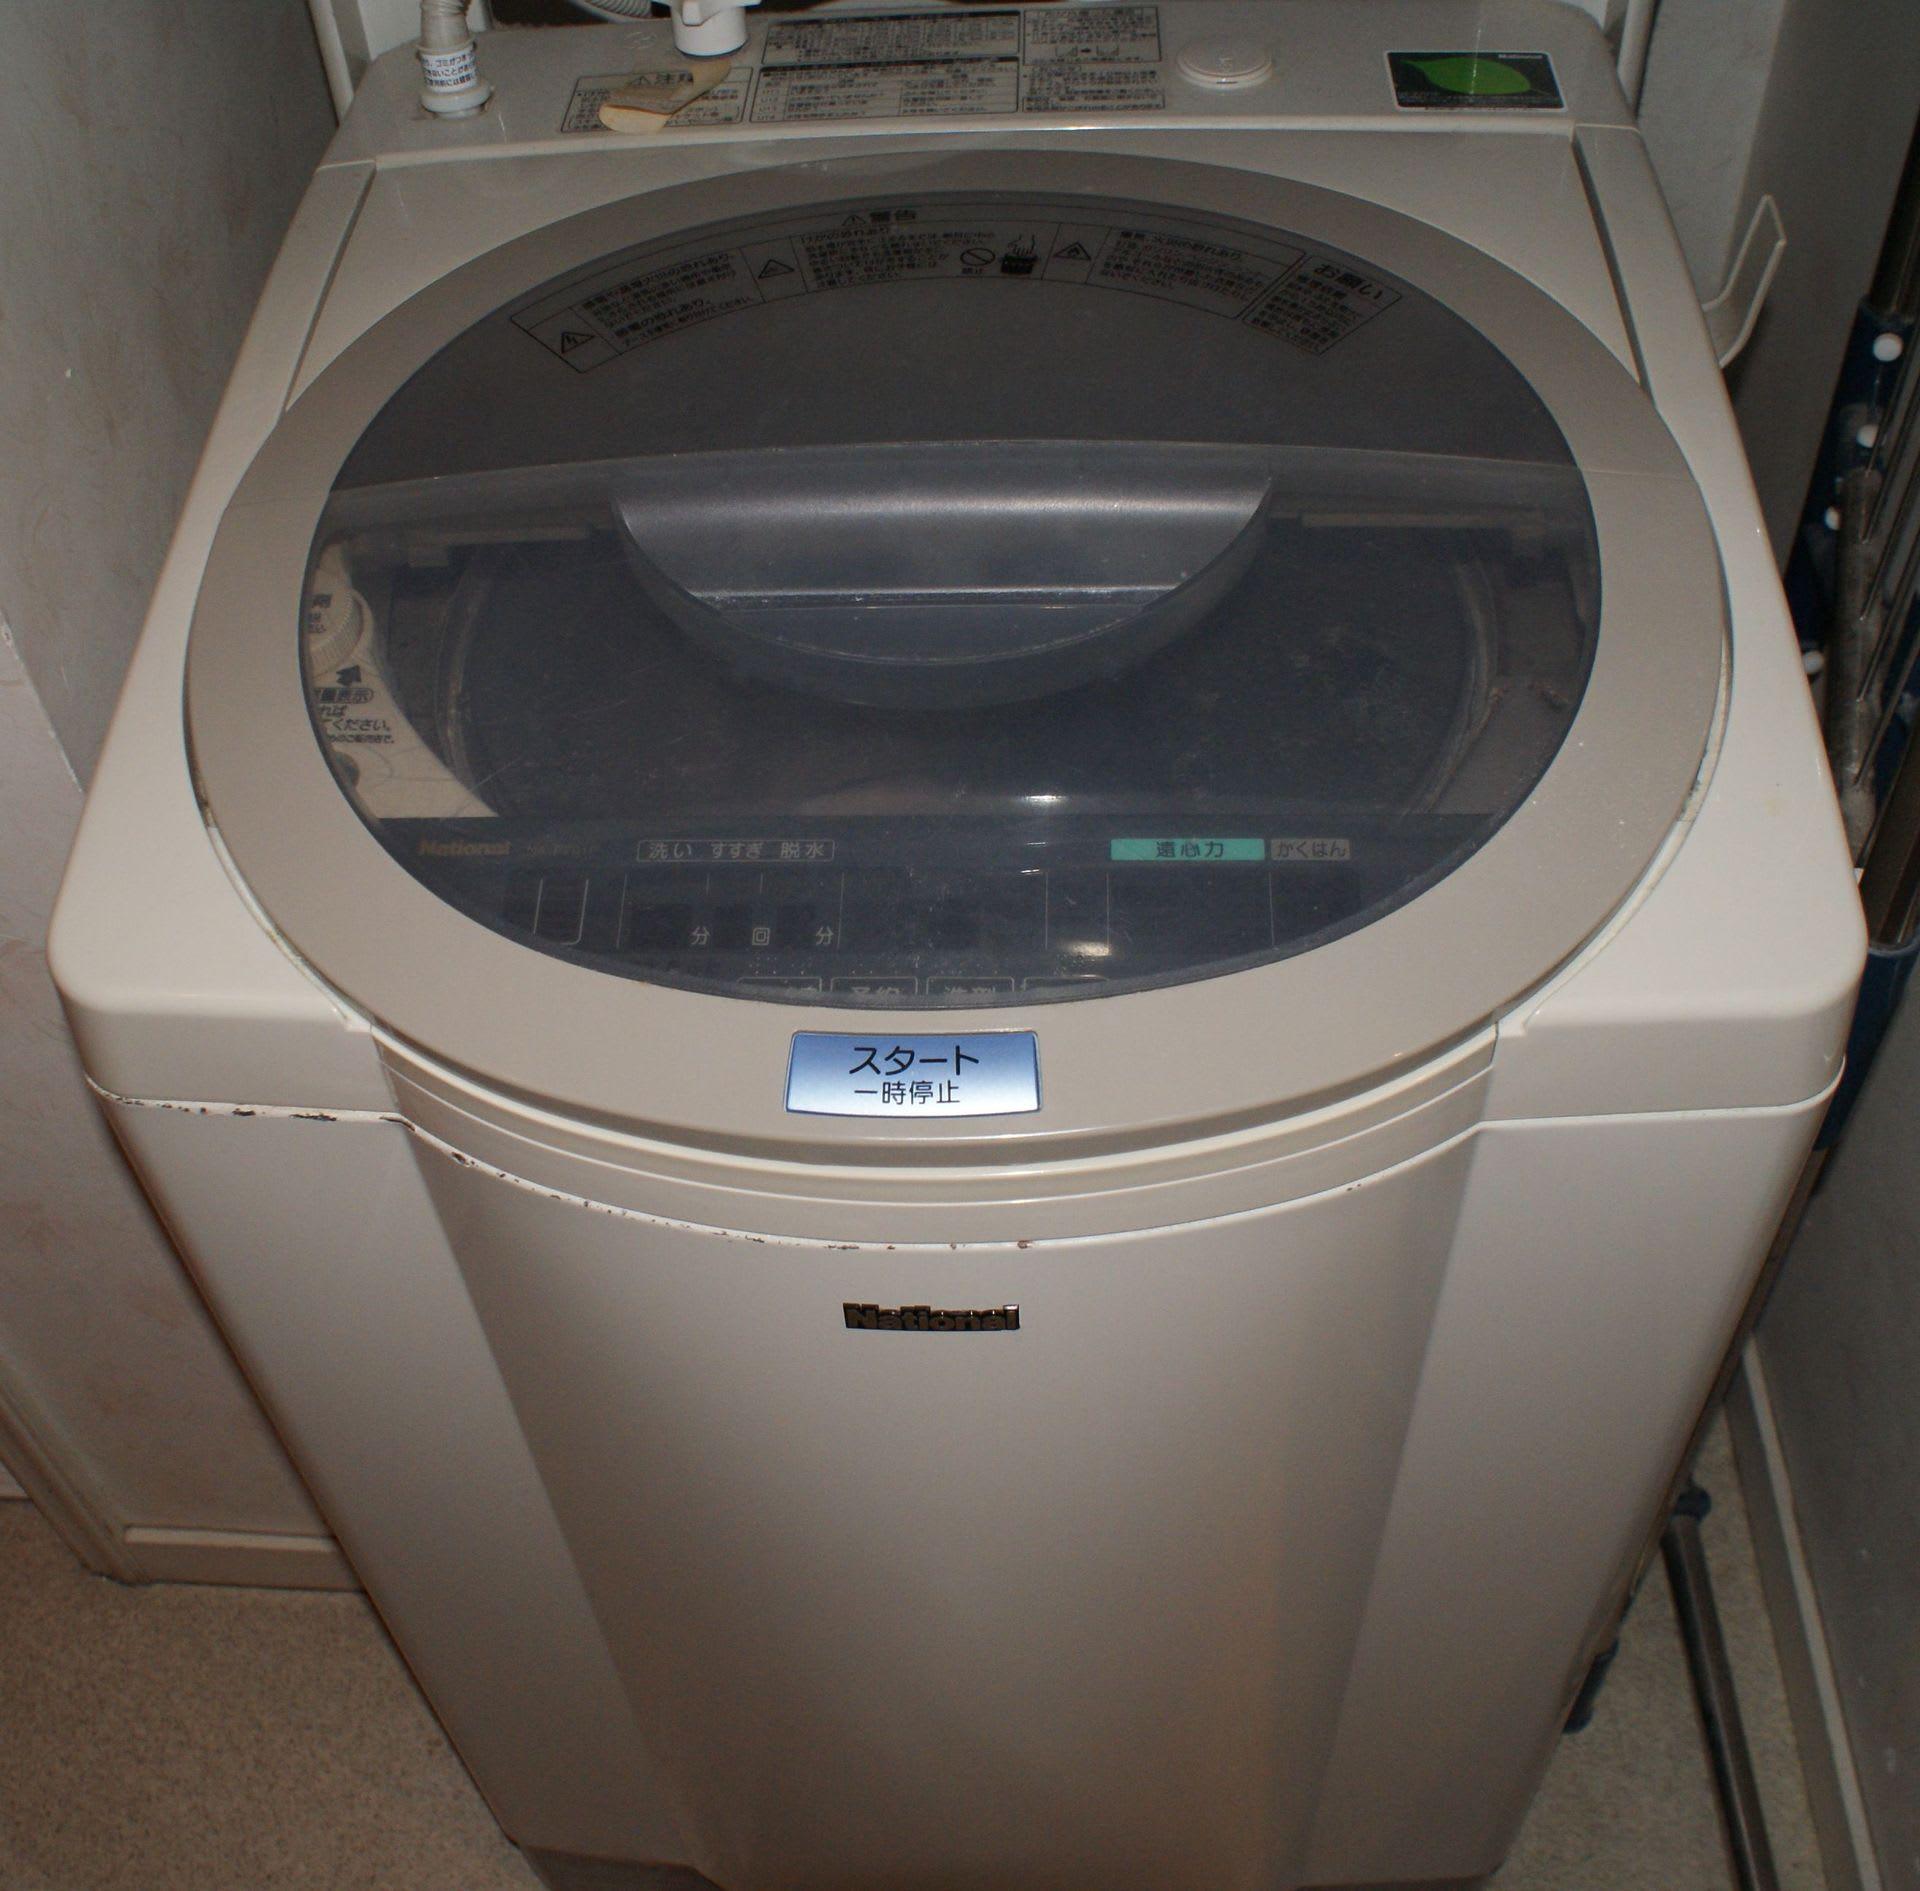 ナショナル洗濯機NA-F701P - いーなごや極楽日記